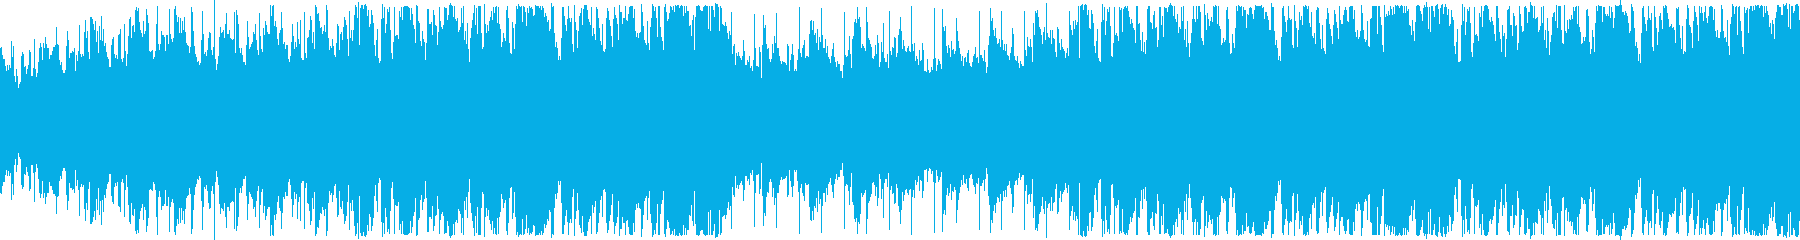 夏の花火・ノスタルジックな余韻・ループの再生済みの波形